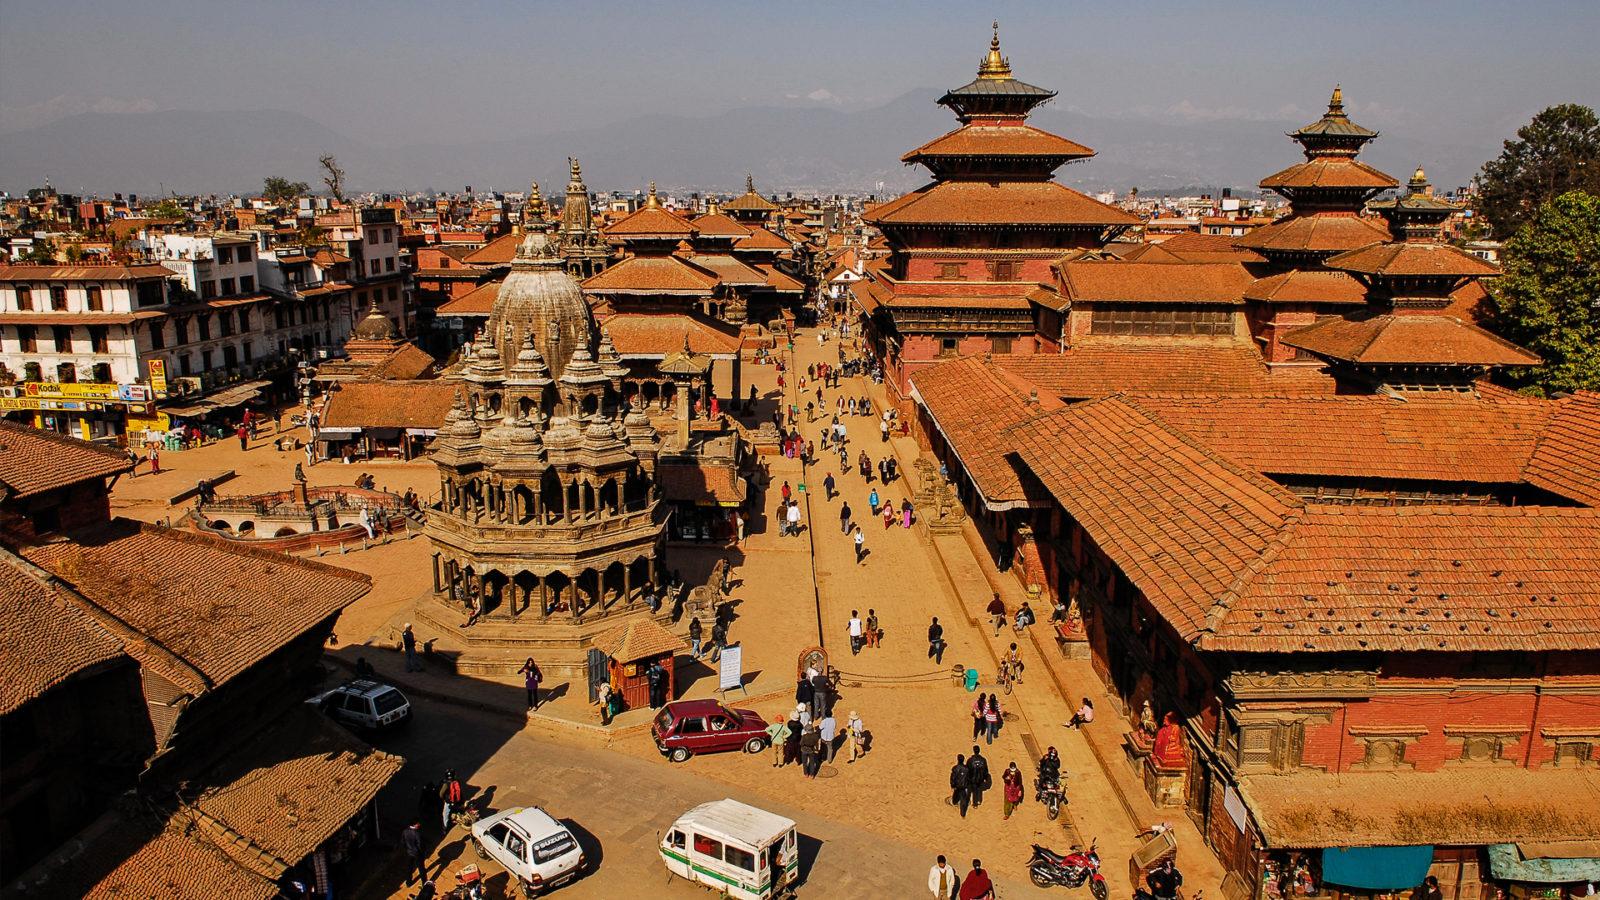 Kathmandu-Durbar-Square-Patan-1600x900.jpg